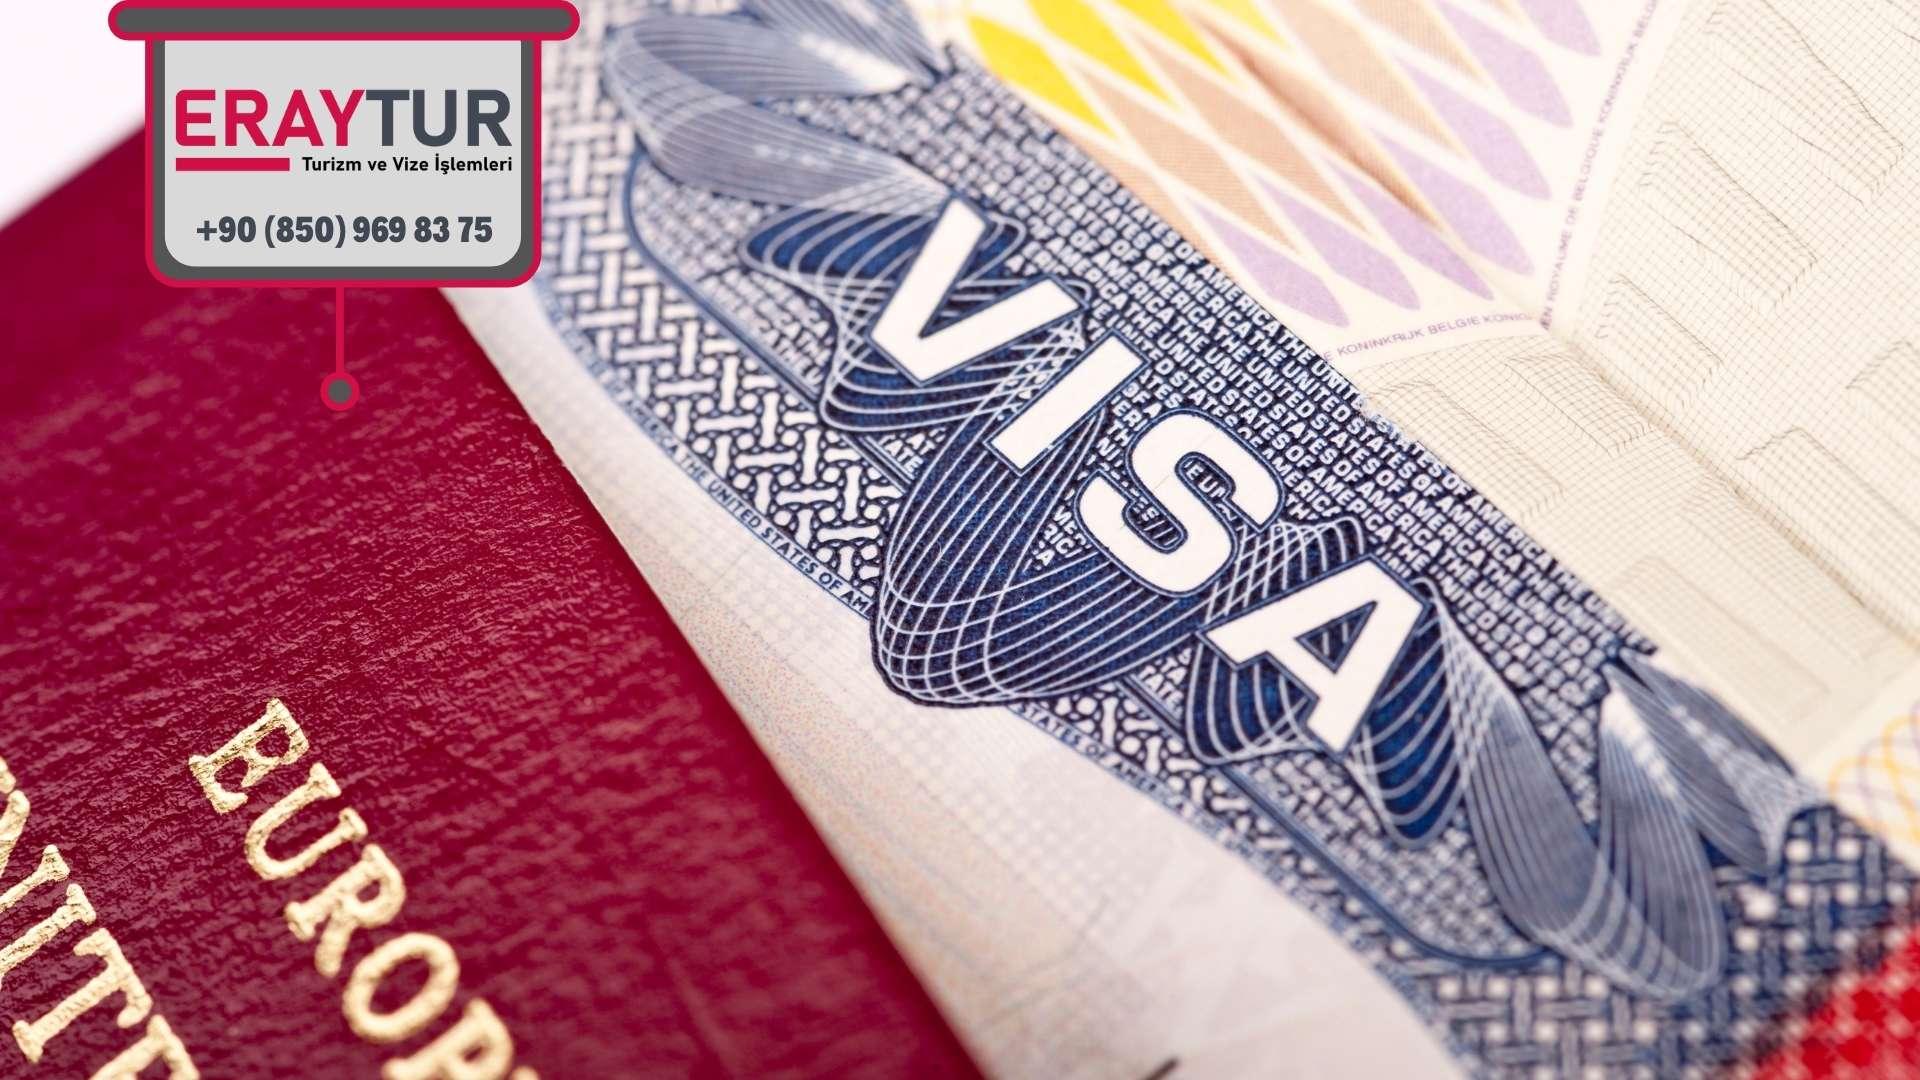 İngiltere Turistik Vize Ücreti